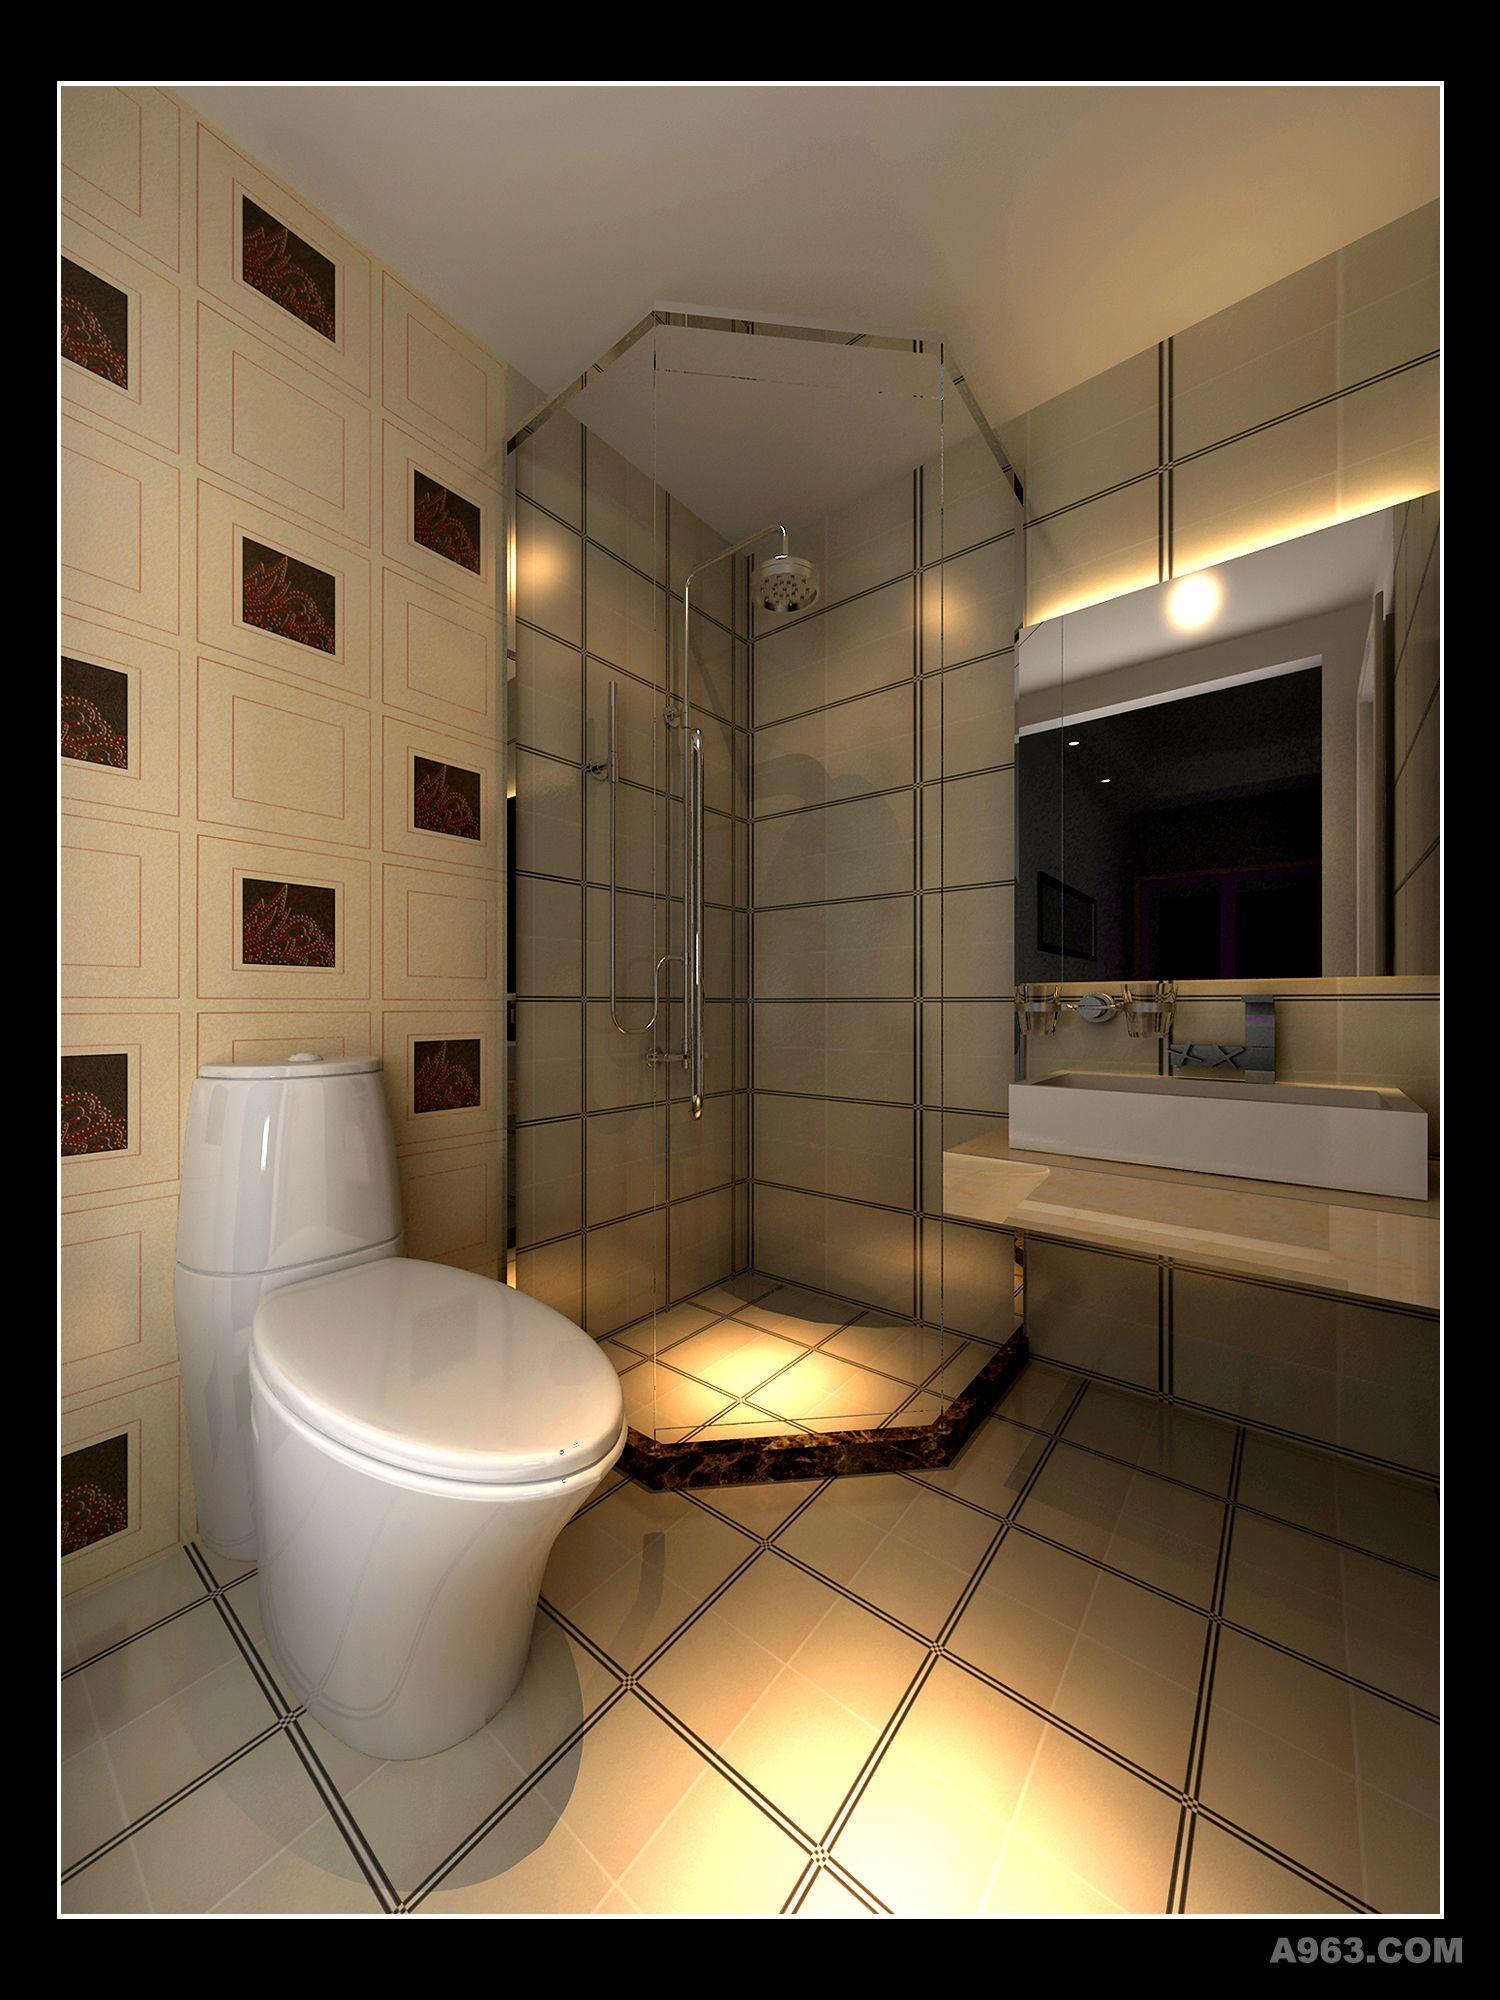 经济型宾馆,宾馆装修效果图,宾馆设计,宾馆卫生间